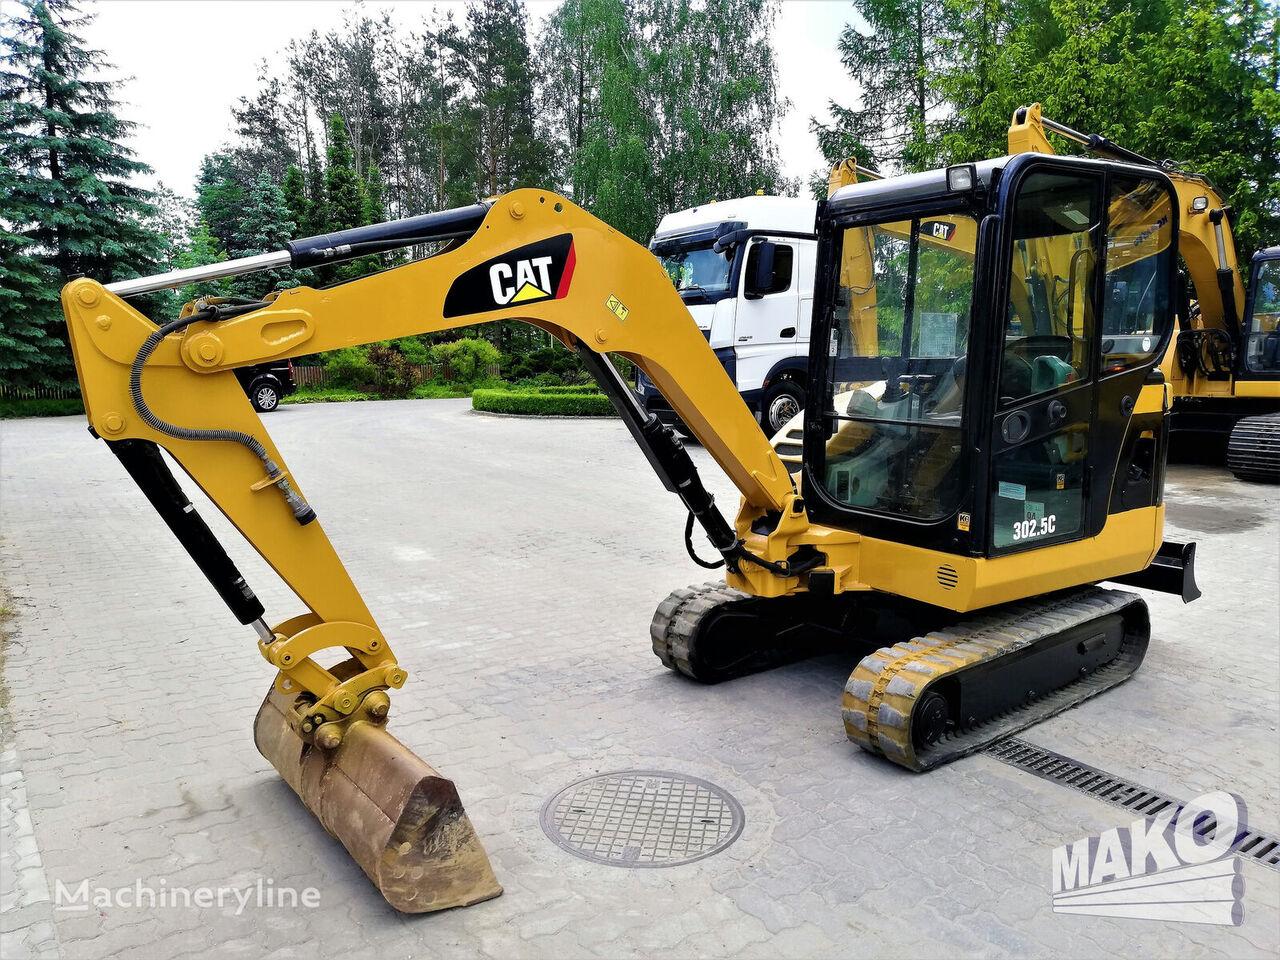 CATERPILLAR 302.5 mini excavadora